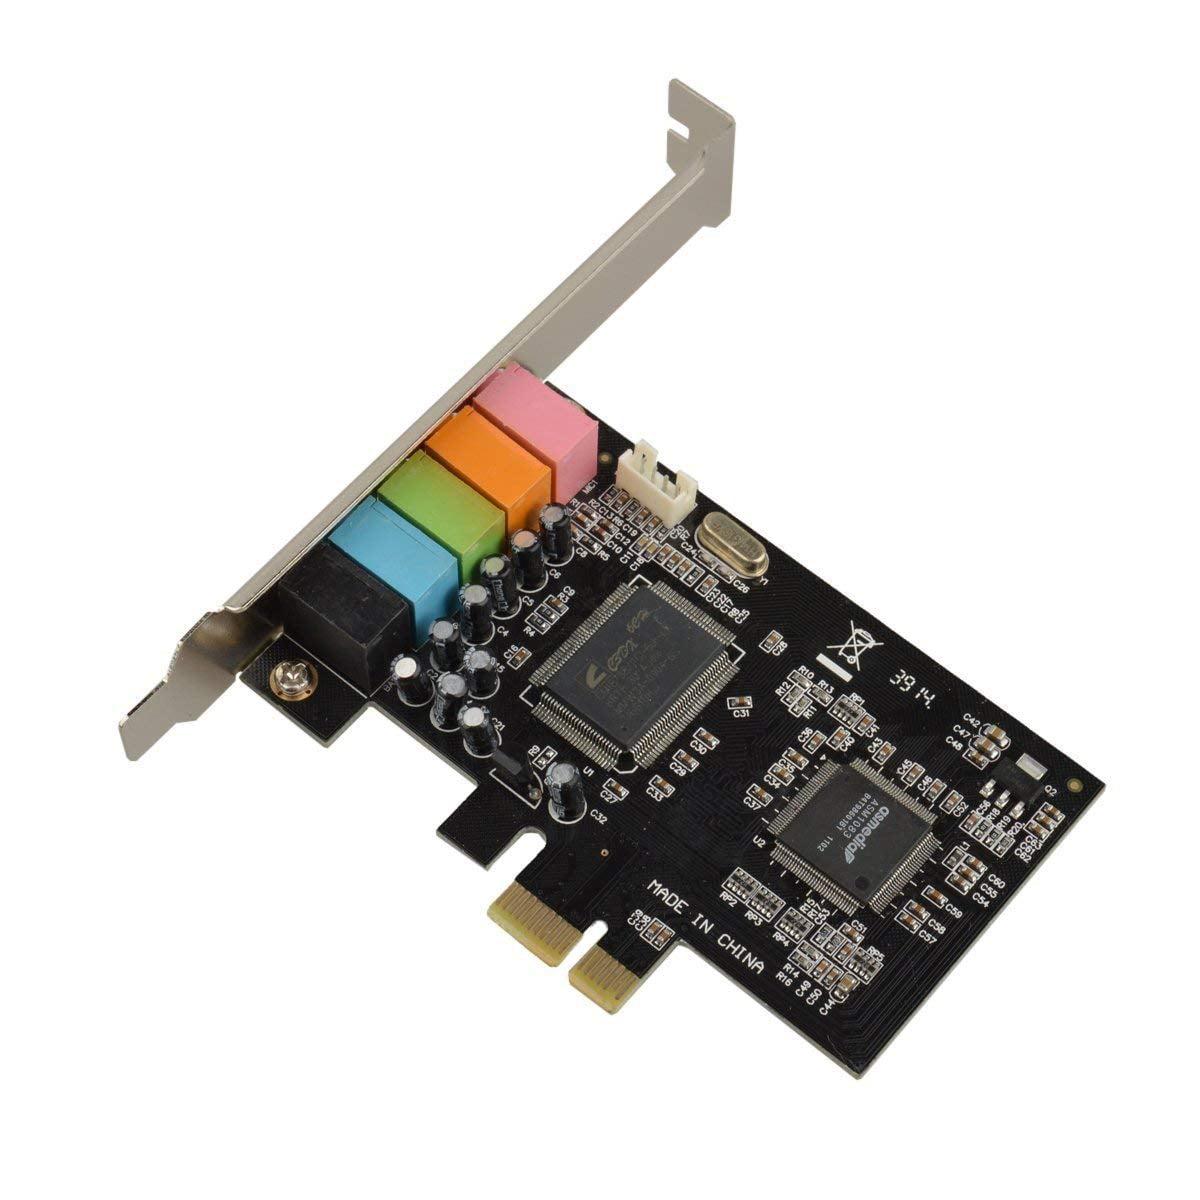 PCI Express 5.1 PC Sound Card 6 Channel Surround 3D Audio CMI8738